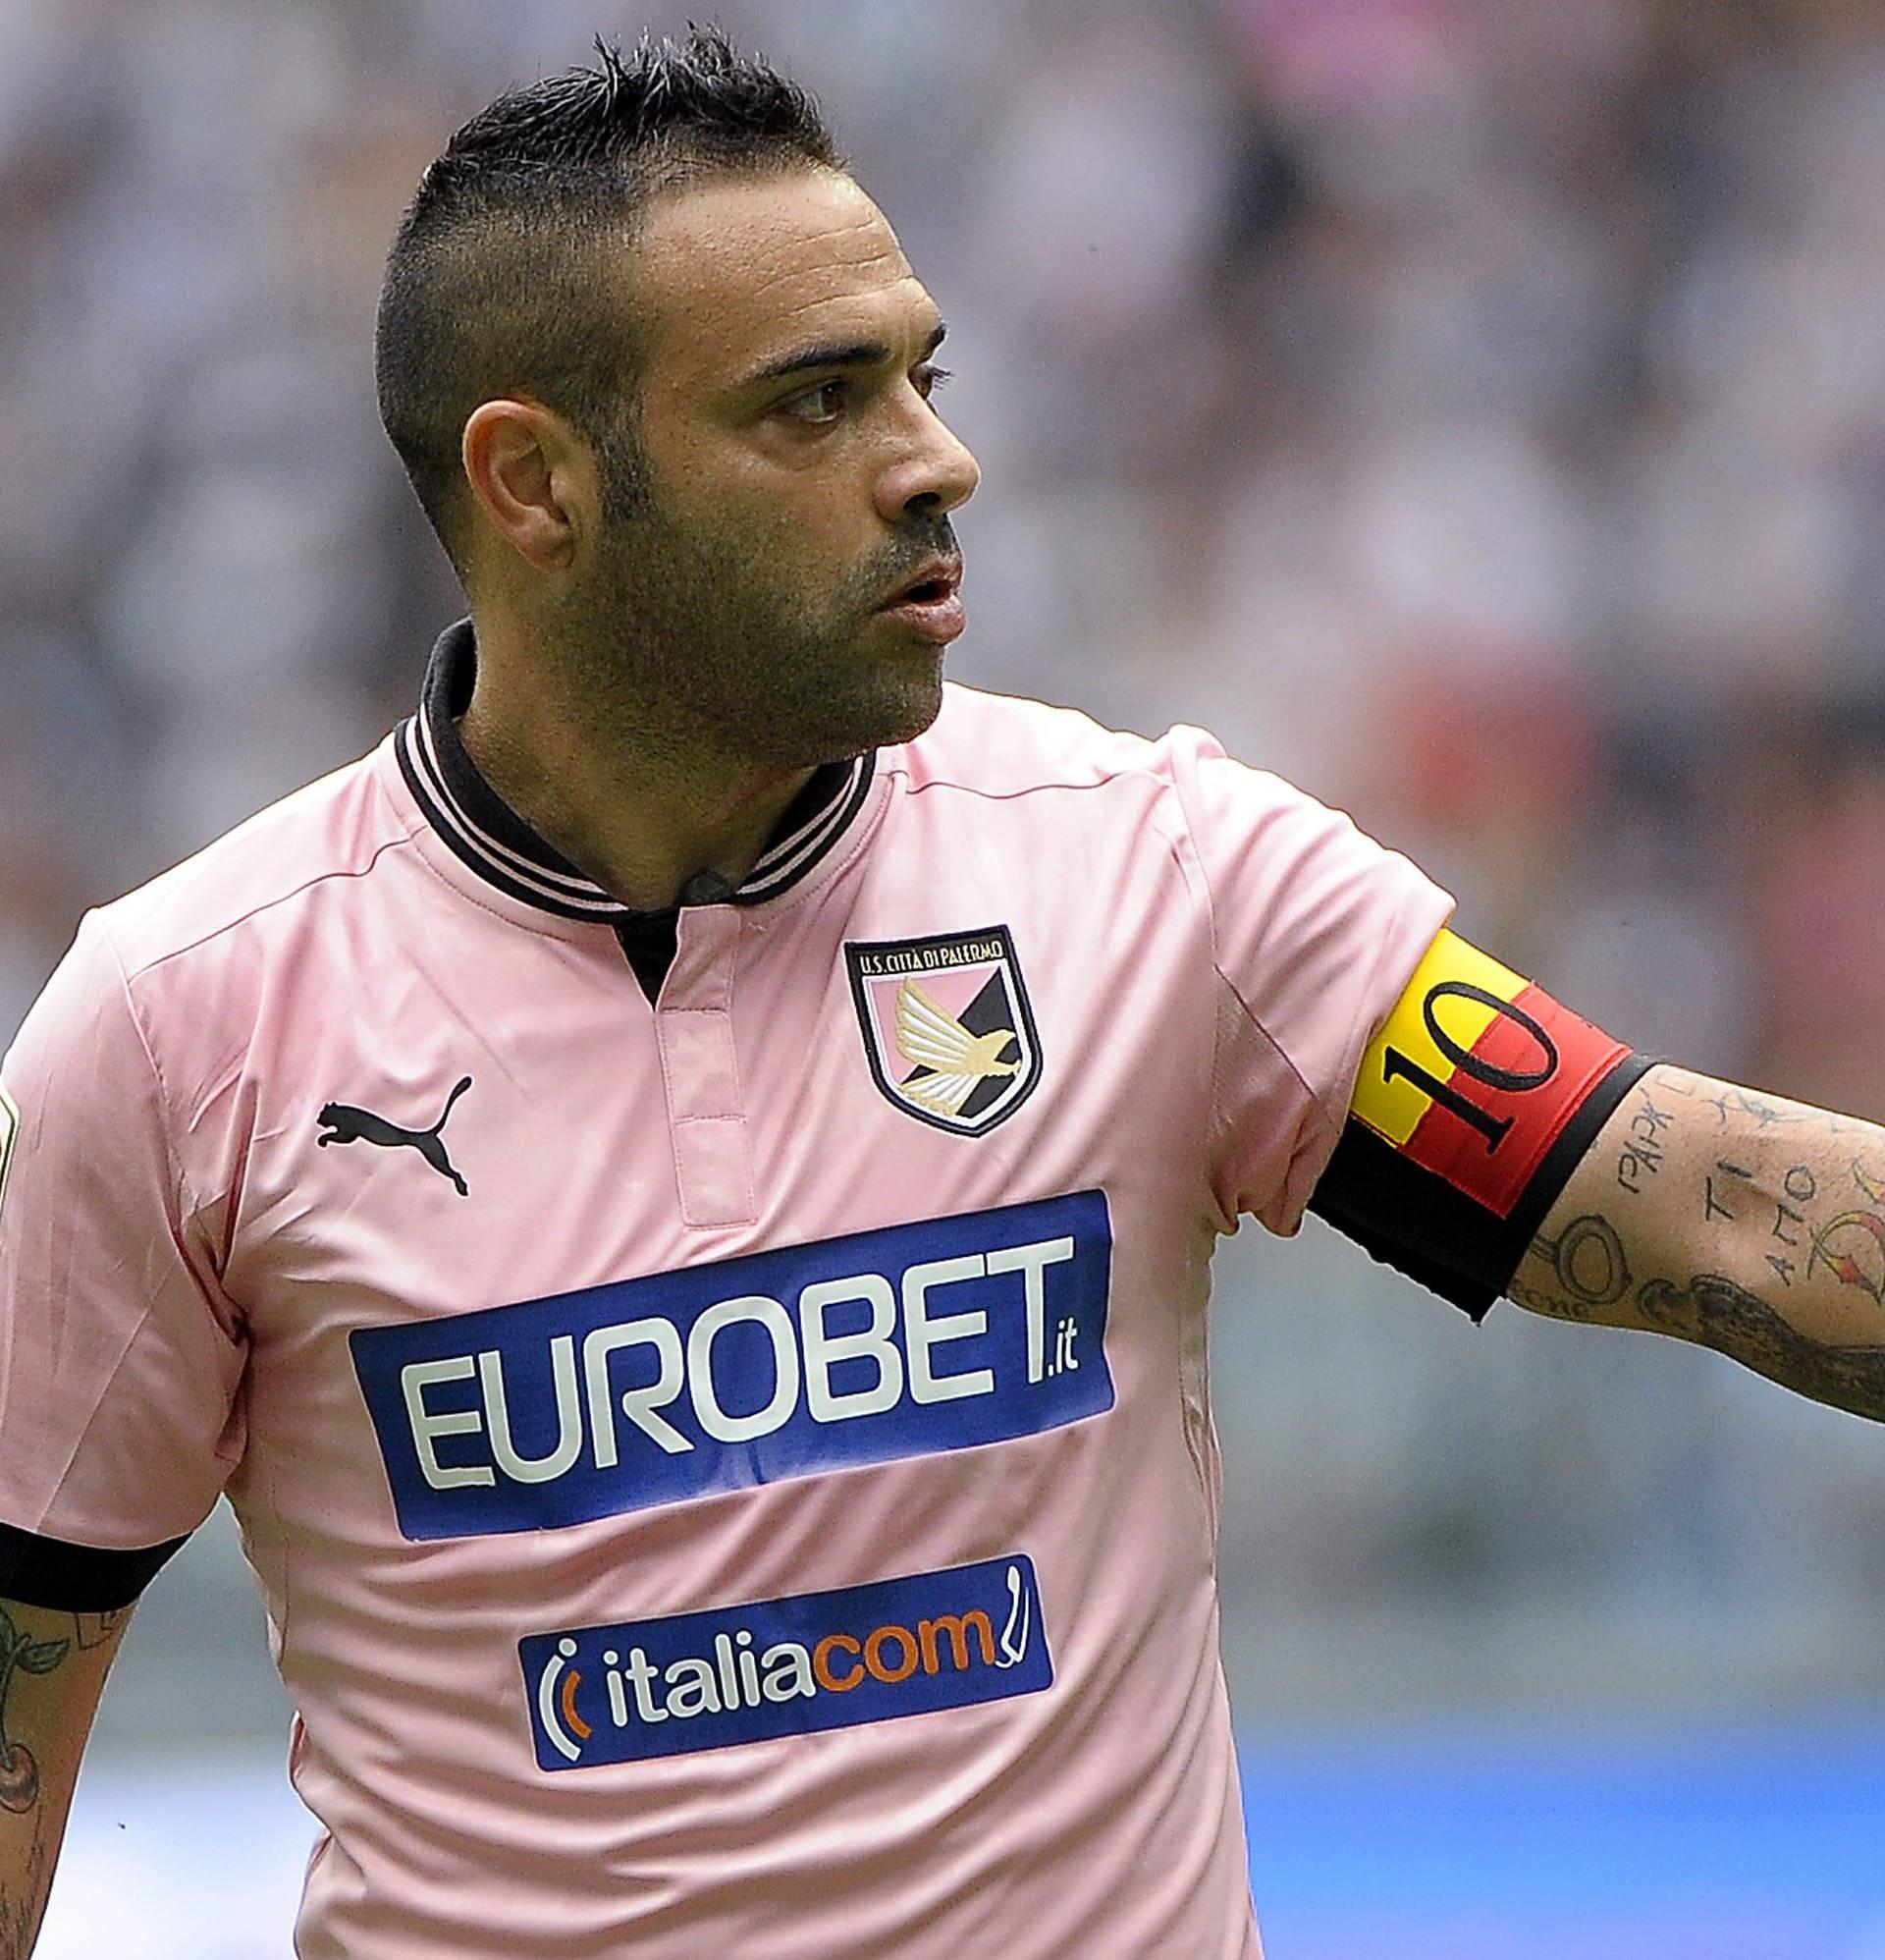 ITA, Serie A, Juventus Turin vs US Palermo